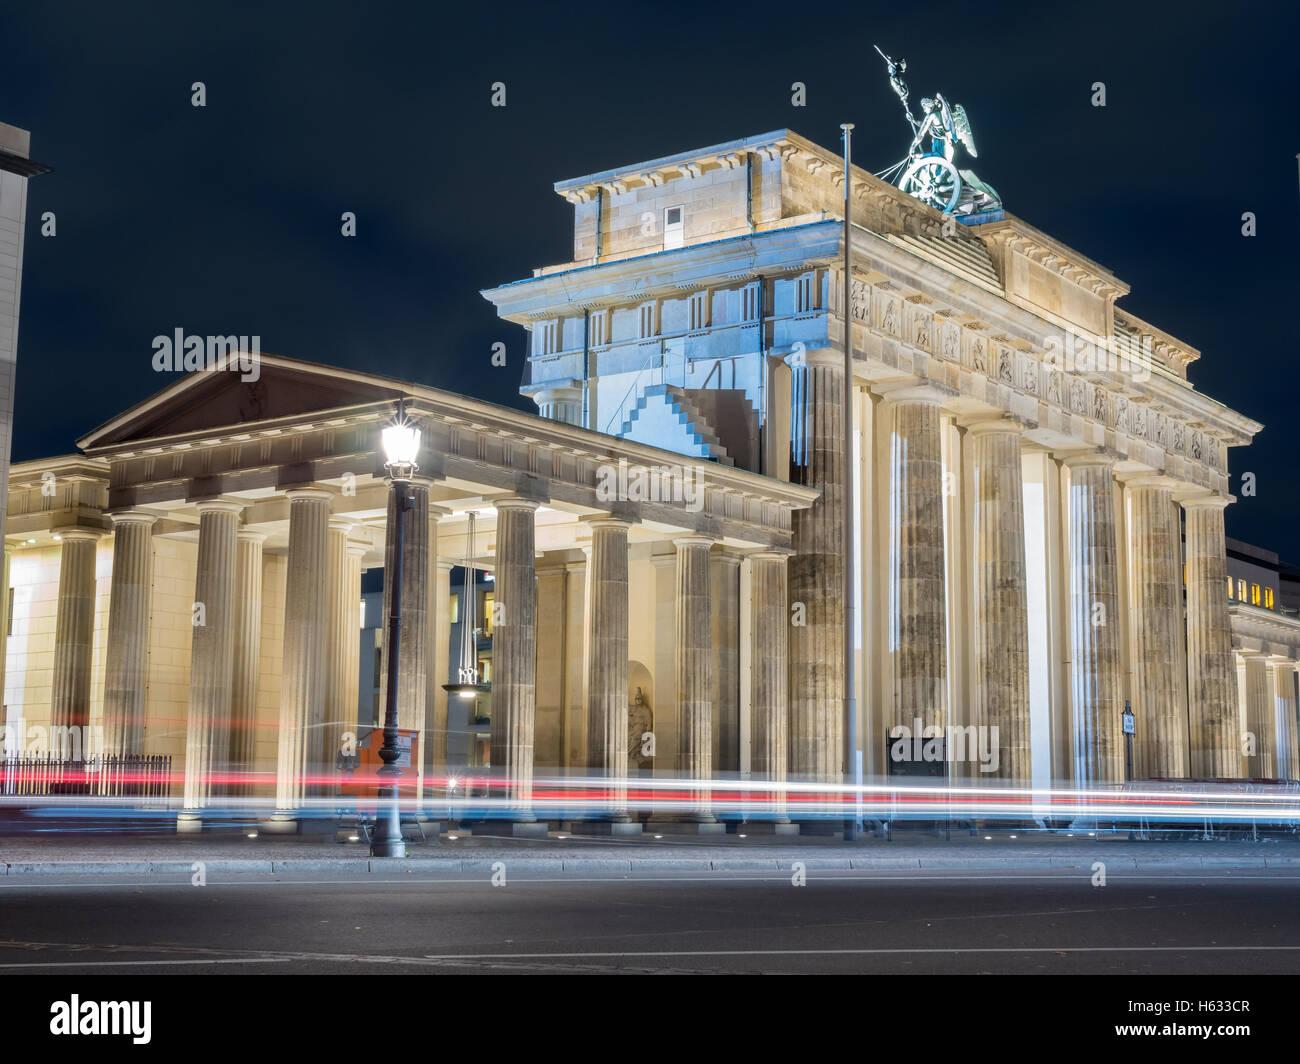 La vue étonnante de la Brandenburger Tor avec voiture - 1 Banque D'Images